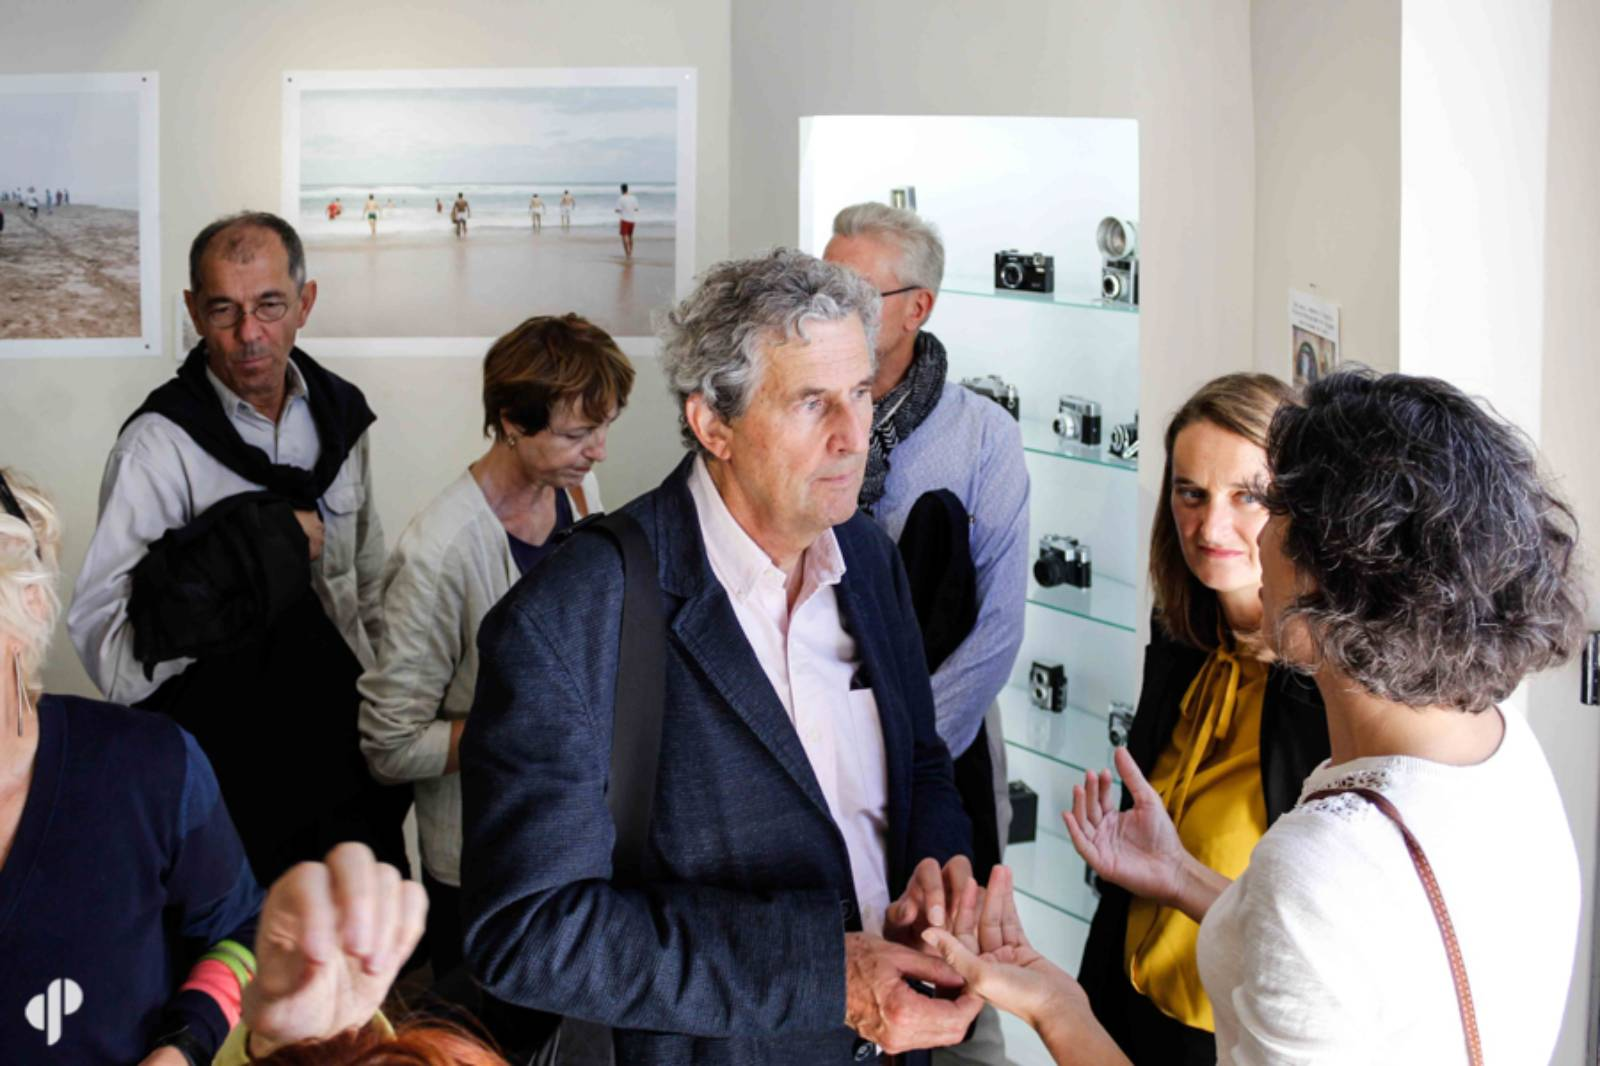 Gabriel Bauret, commissaire général de la Biennale et la photographe Sabrina Budon ©️ Marc Lavaud